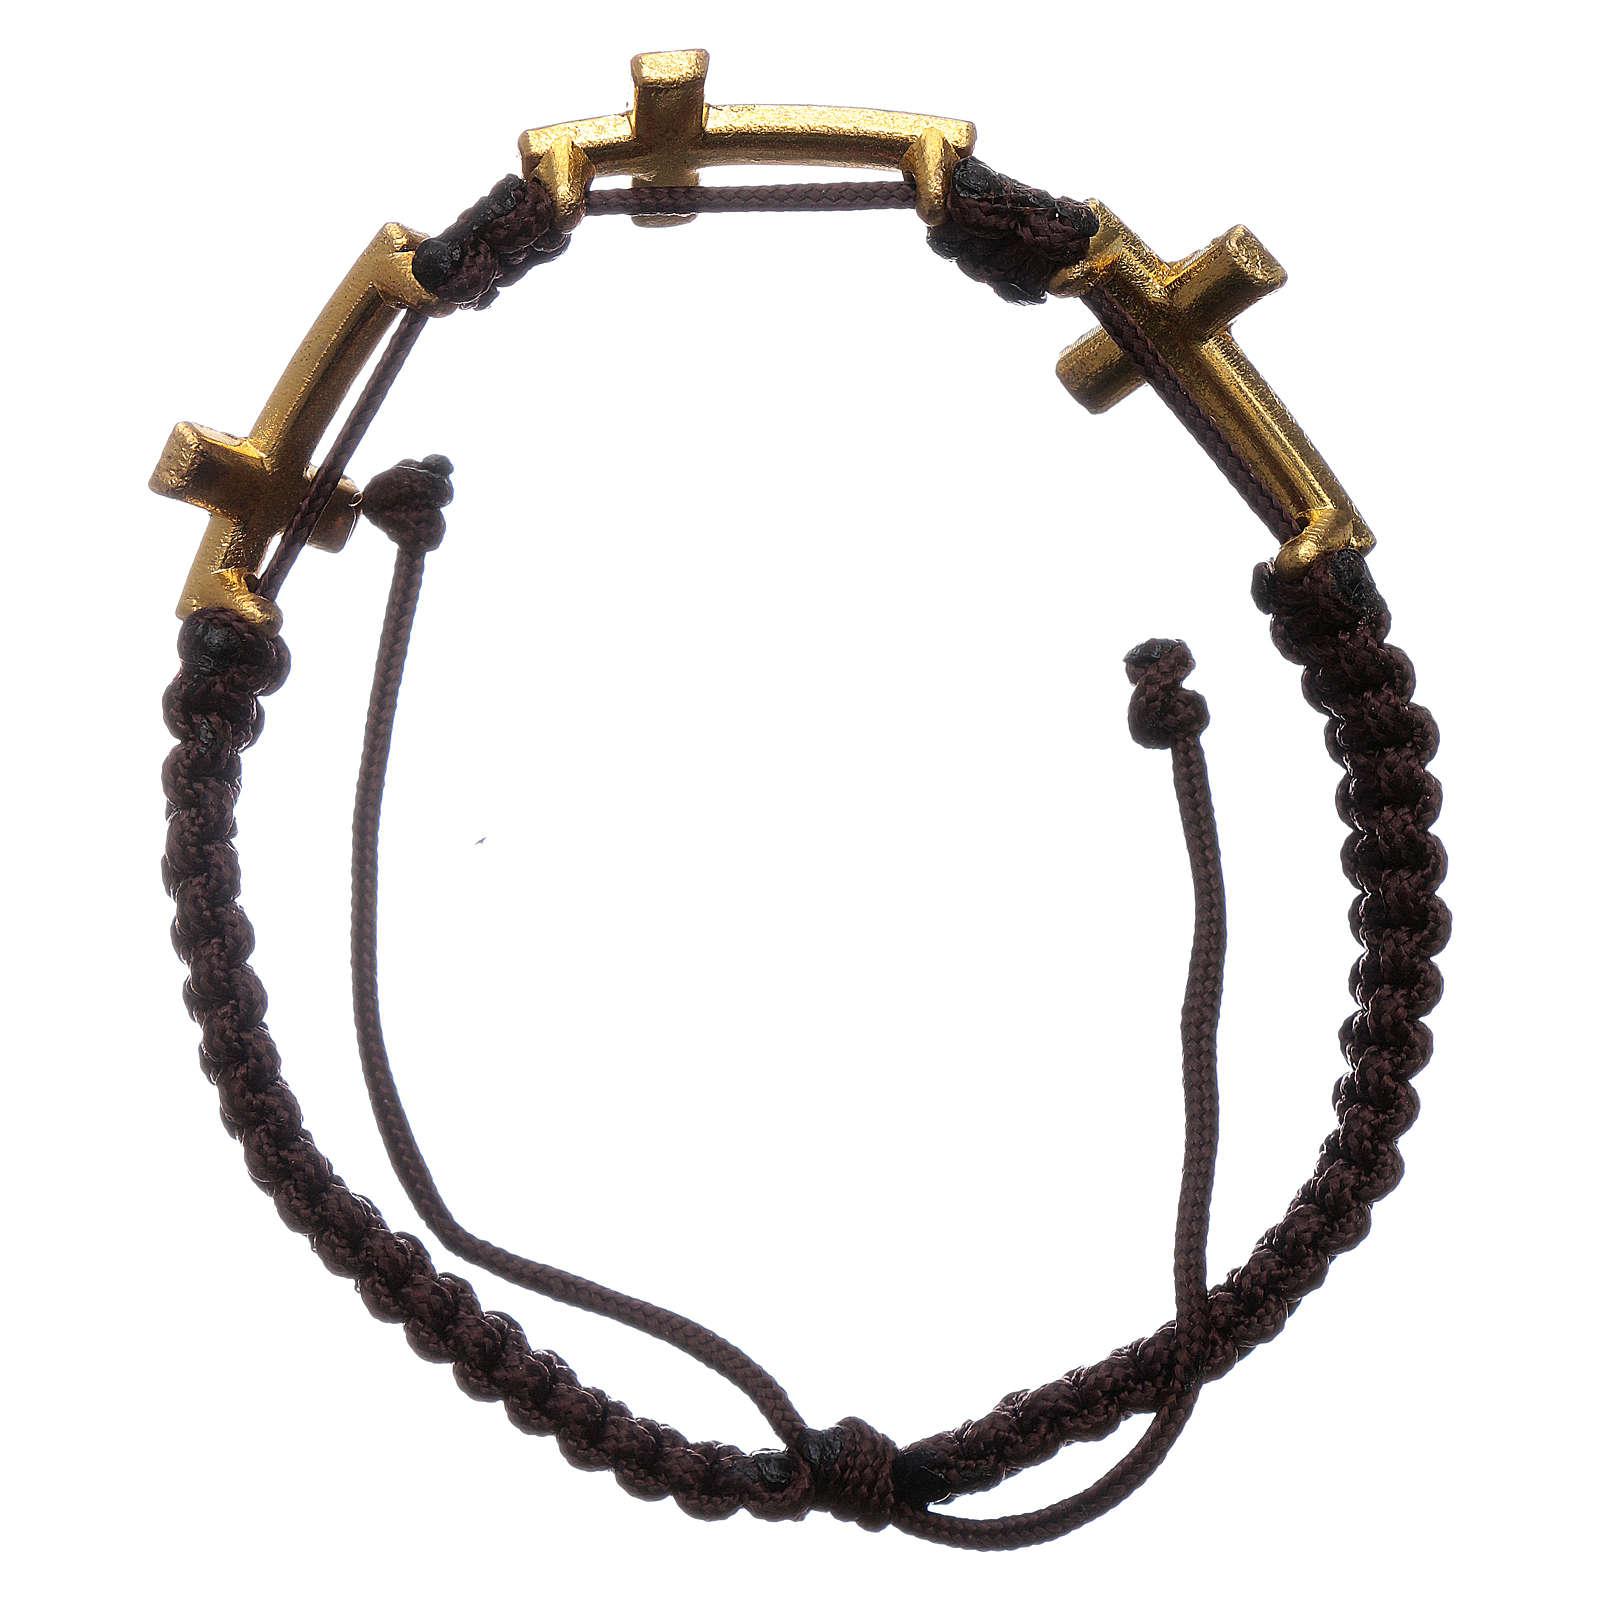 Bracciale Medjugorje 3 croci Swarovski corda marrone 4